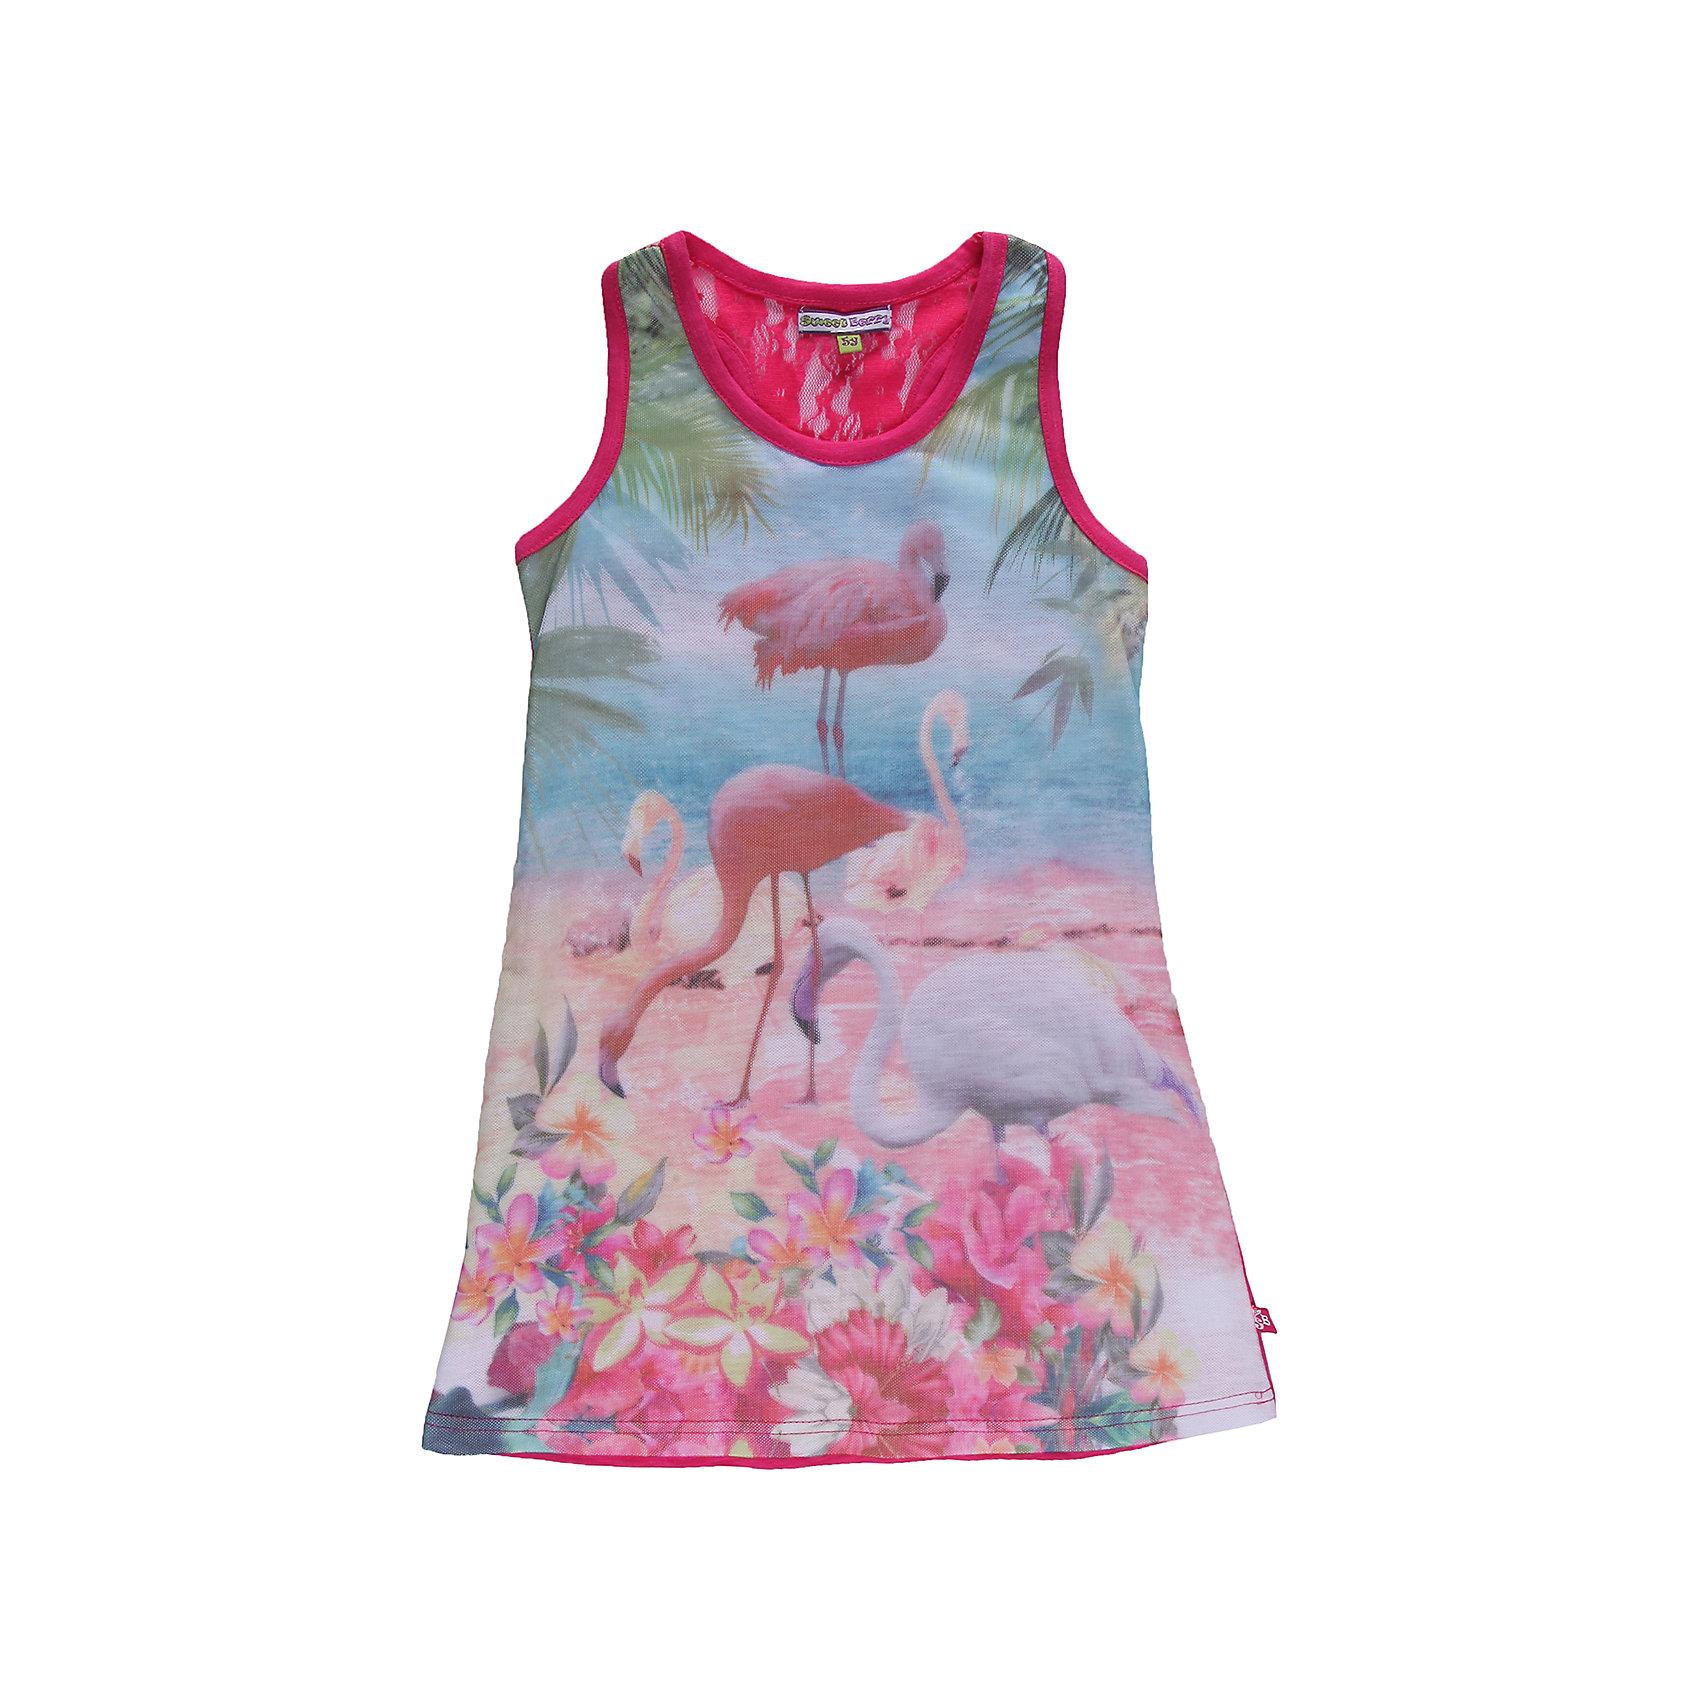 Платье для девочки Sweet BerryЛетние платья и сарафаны<br>Платье с 3D  эффектом, двойная полочка из трикотажа и сетки.<br>Состав:<br>95% хлопок, 5% эластан<br><br>Ширина мм: 236<br>Глубина мм: 16<br>Высота мм: 184<br>Вес г: 177<br>Цвет: розовый<br>Возраст от месяцев: 24<br>Возраст до месяцев: 36<br>Пол: Женский<br>Возраст: Детский<br>Размер: 98,122,110,104,128,116<br>SKU: 4521311